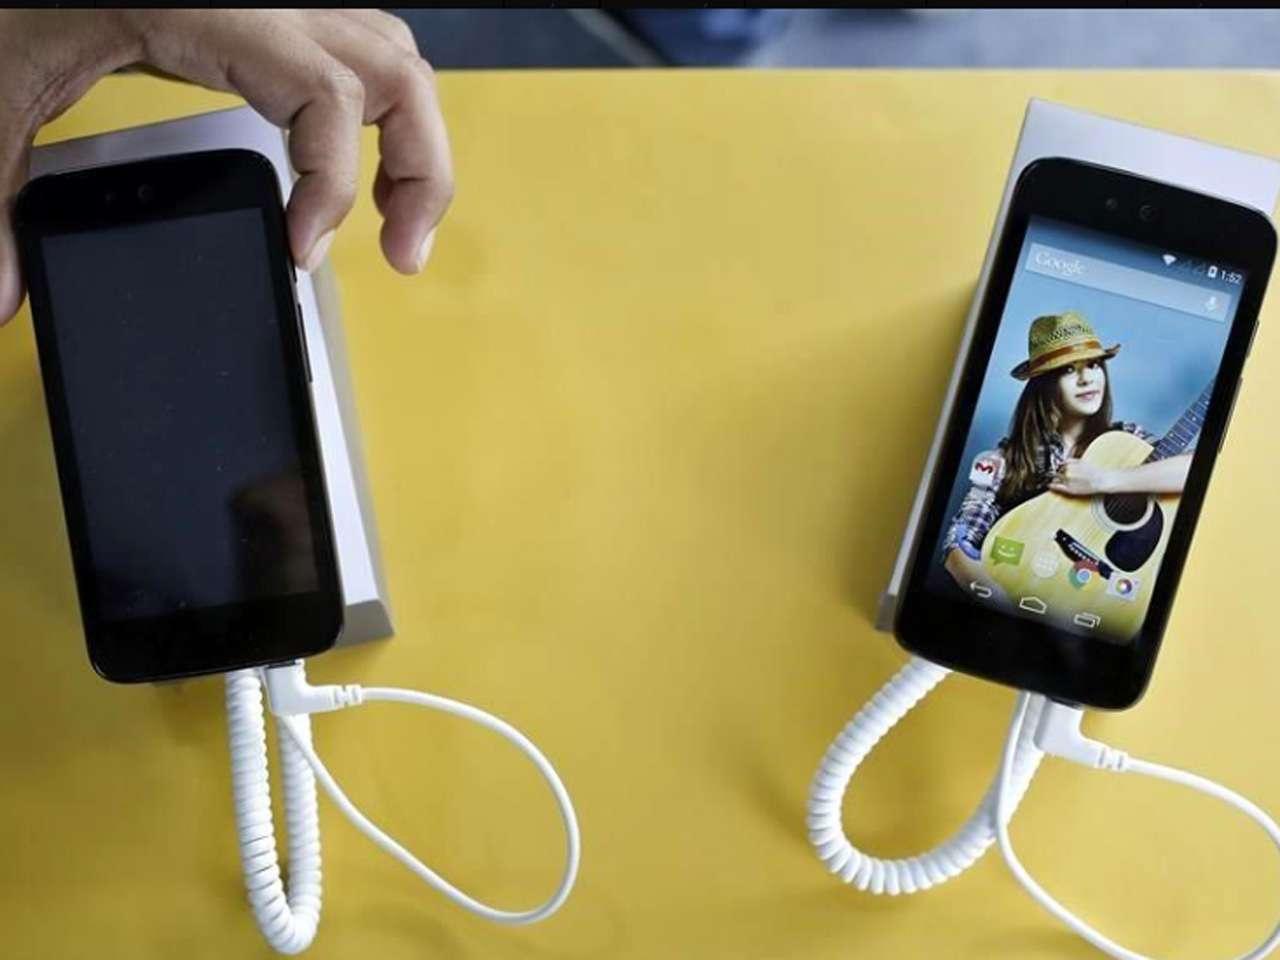 El smartphone tiene pantalla de 4.5 pulgadas, cámara trasera de 5MP, procesador MediaTek de núcleo cuádruple a 1.3GHz, 1GB de RAM y 4GB de memoria interna expandible con tarjetas microSD Foto: Reuters en español